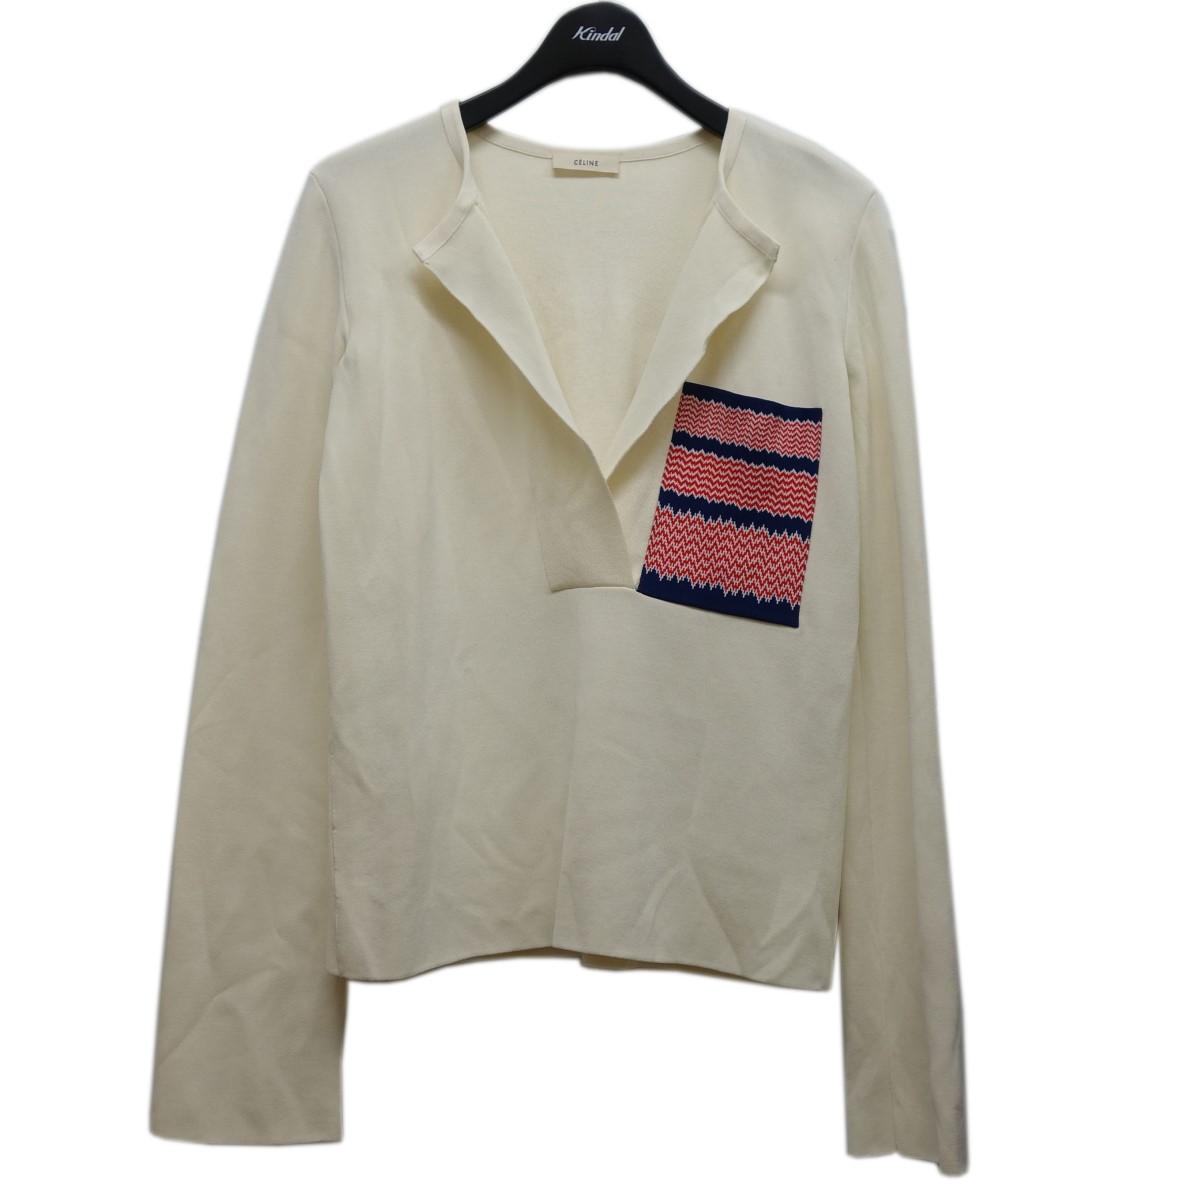 タイム セリーヌ 中古 CELINEフィービー期 お気に入 サイズ:XS 胸ポケットニット ベージュ 大幅にプライスダウン